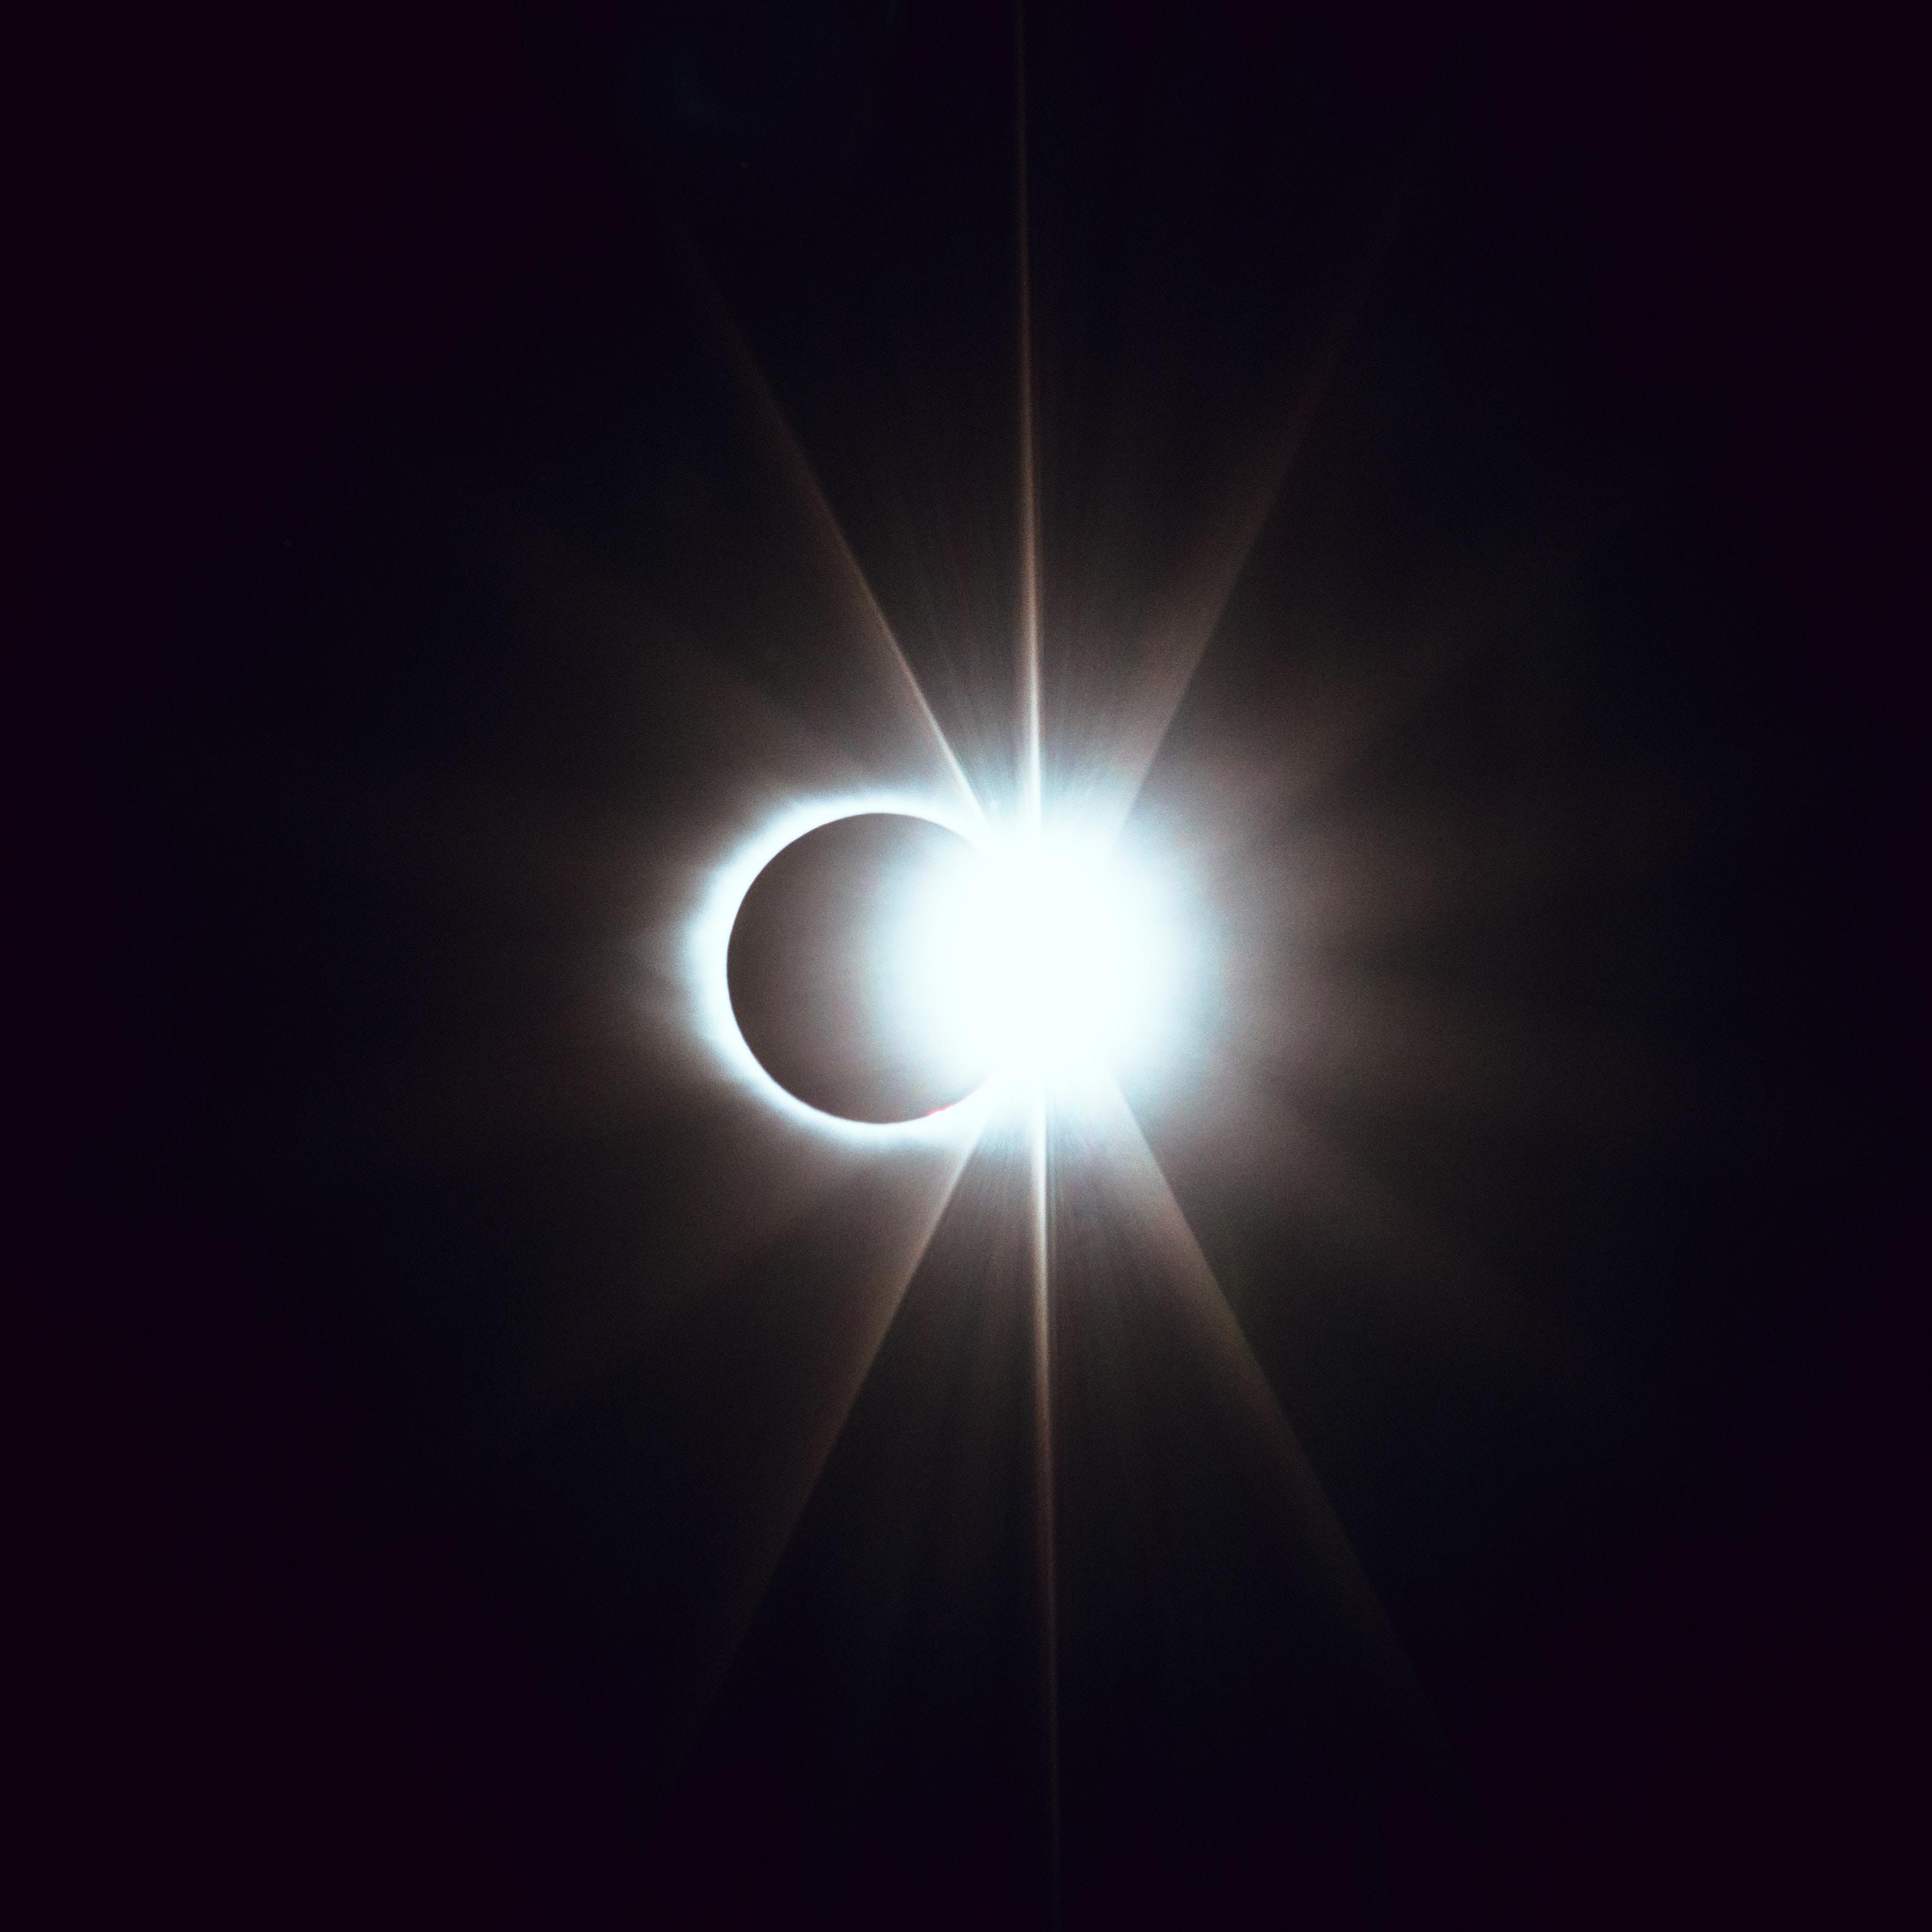 53674壁紙のダウンロード闇, 暗い, 日食, 食, ムーン, 輝く, 光, ビーム, 光線-スクリーンセーバーと写真を無料で